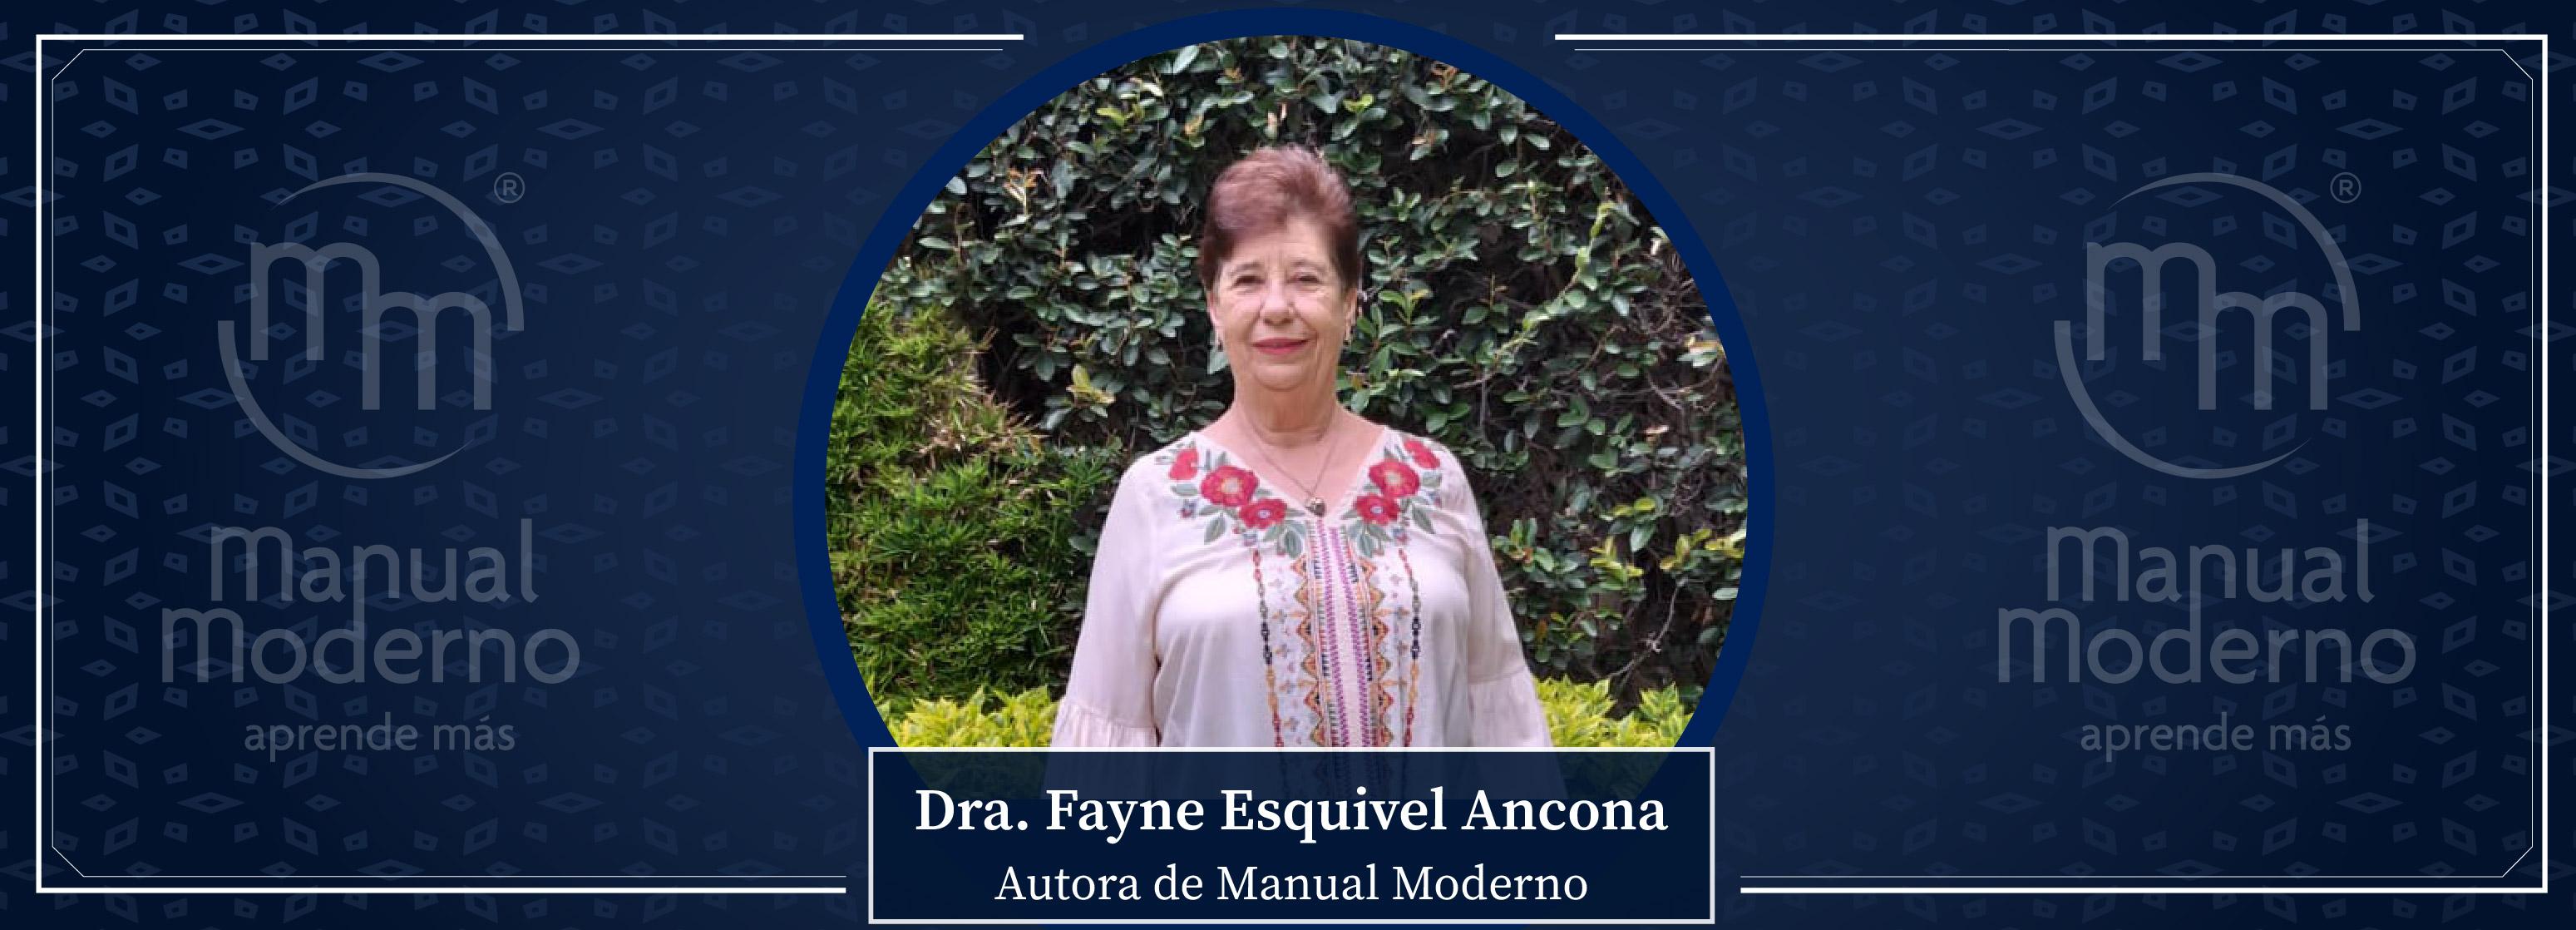 Nuestros Autores. Dra. Fayne Esquivel Ancona